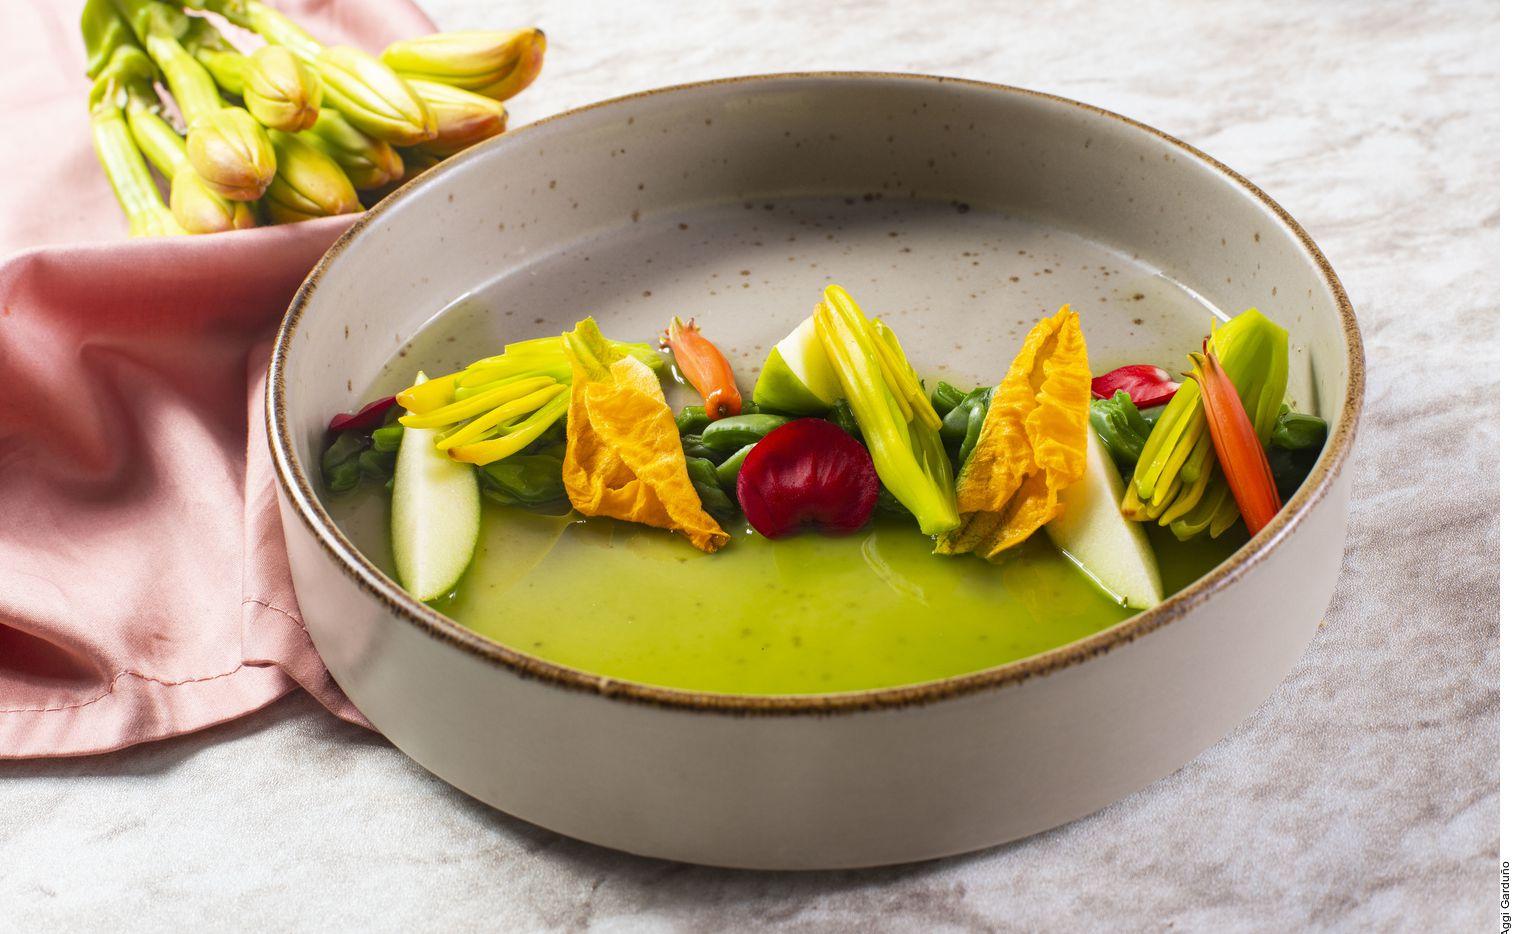 El ceviche de nopales y flores se logra al curar los nopales en agua con sal. Dejar reposar 5 minutos, enjuagar y escurrir. Licuar los jugos con el echalote, los tomates y las hojas. Sazonar y colar.